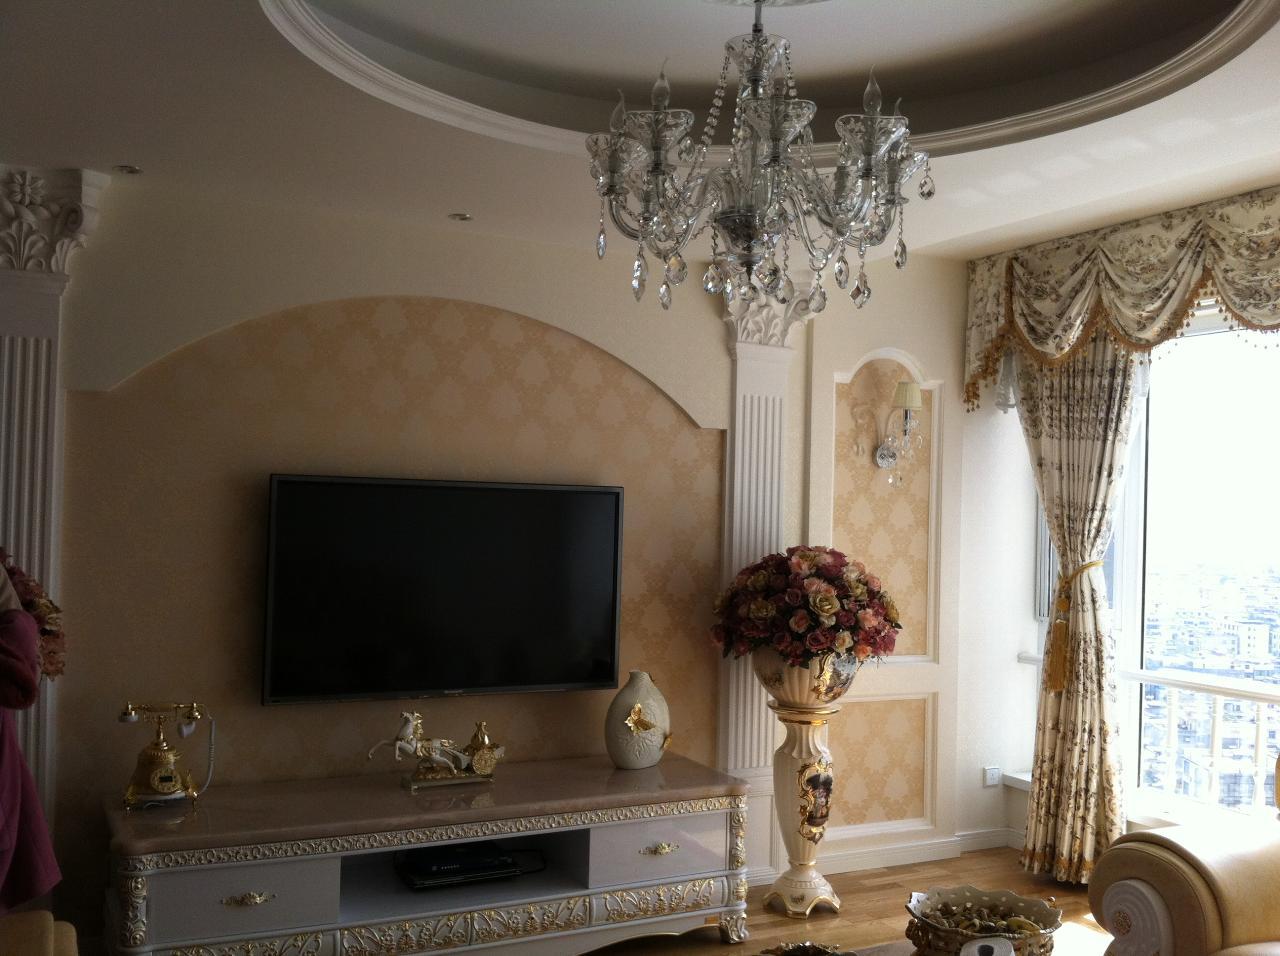 麒芝寓装修效果图;; 大厅影视墙和吊顶的感觉也相互融合,配上欧式图片